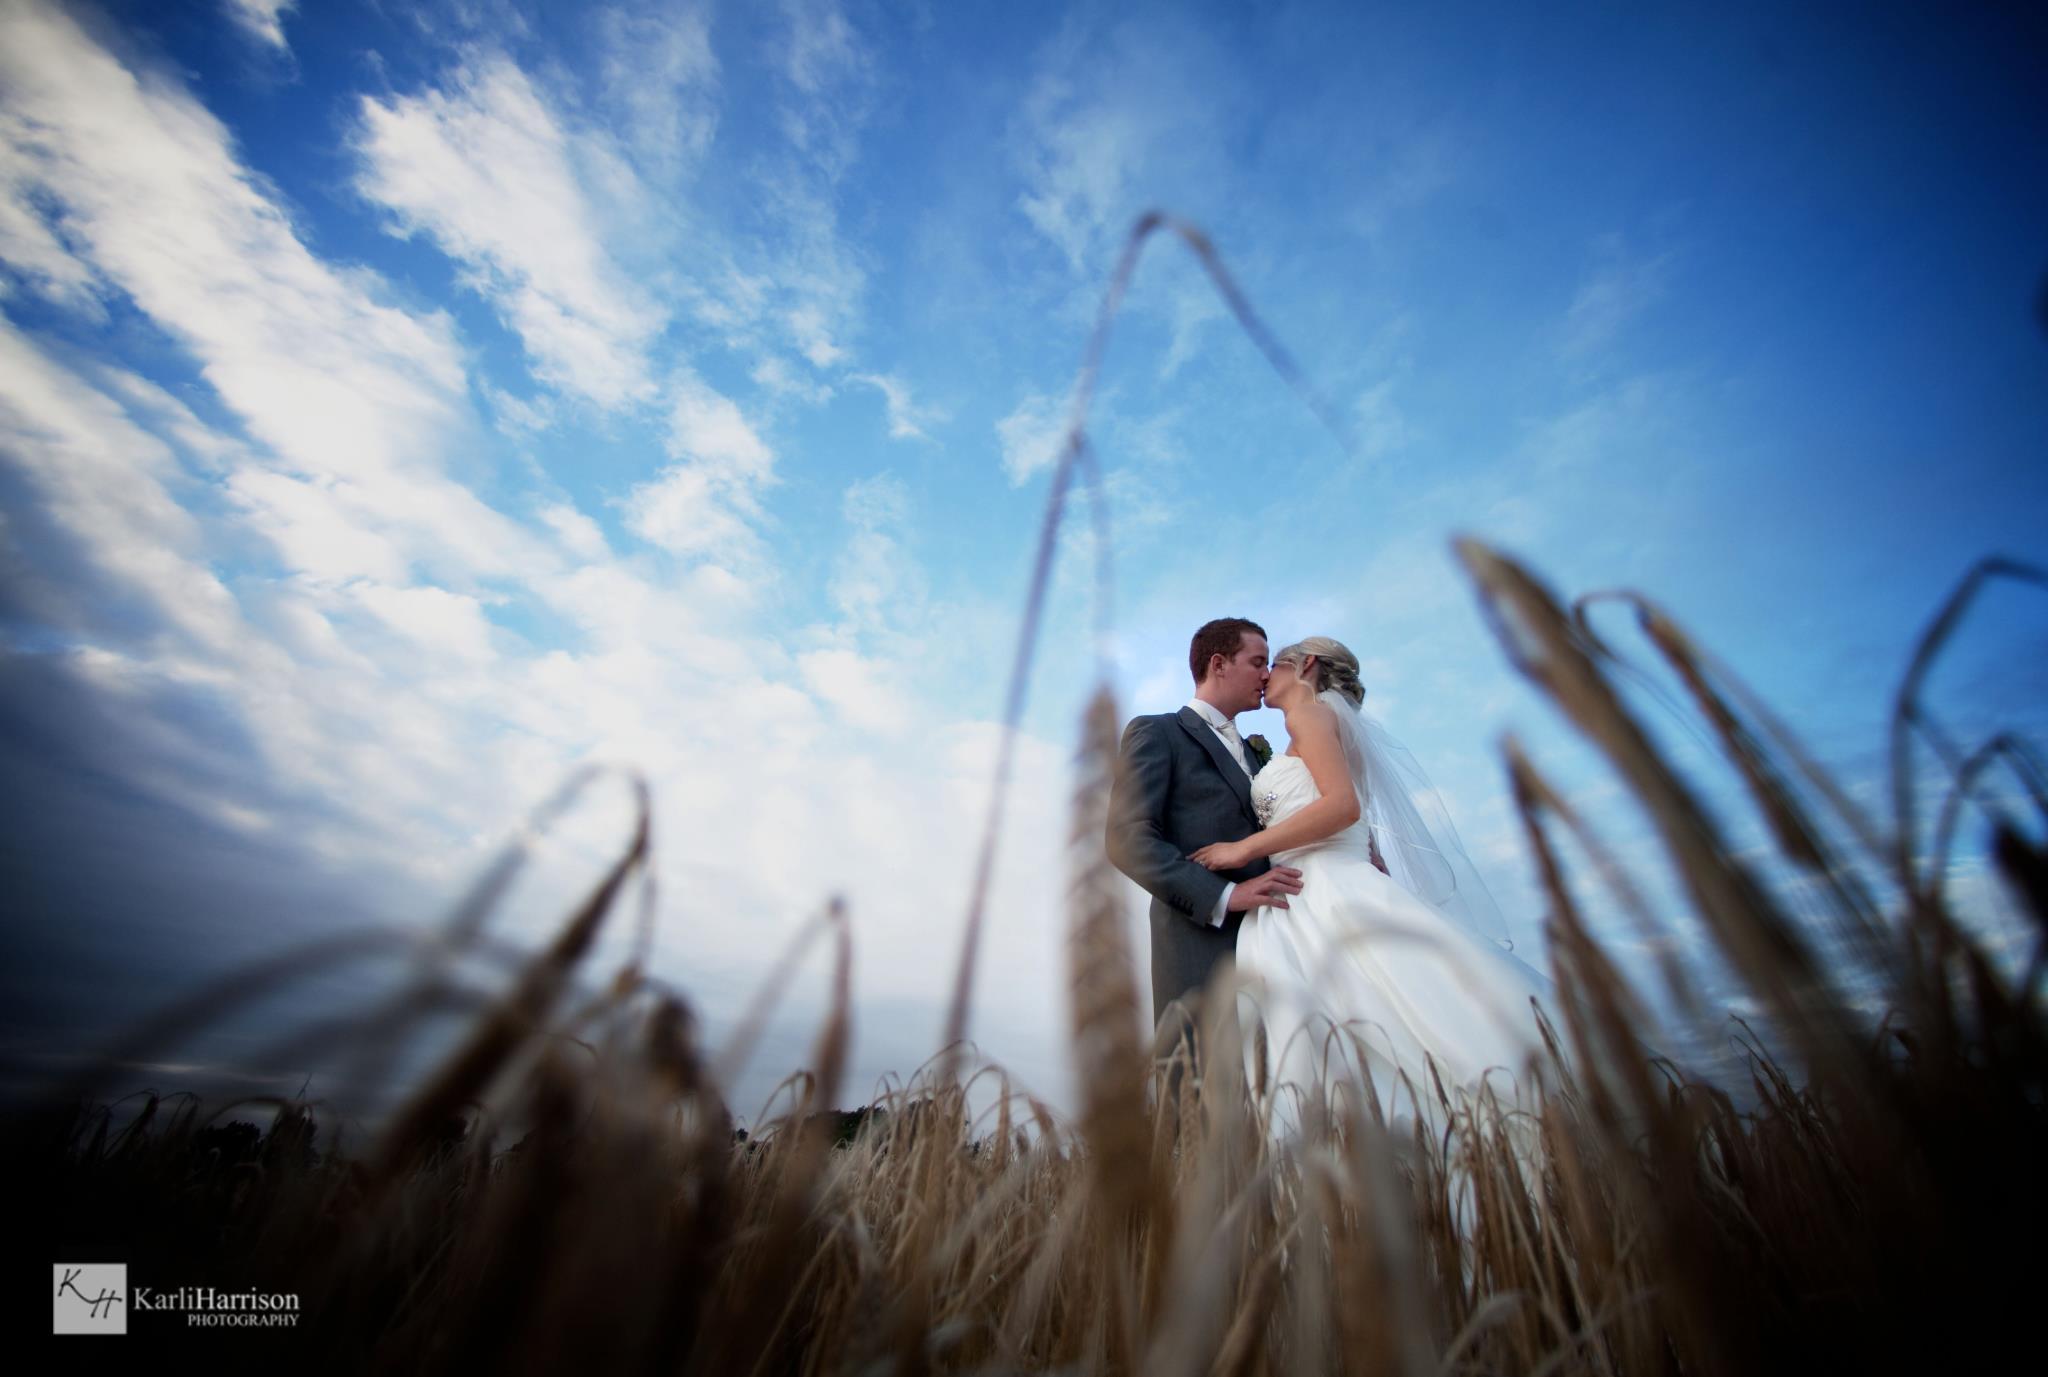 West Tower Wedding Photography  Lancashire Wedding PhotographerKarli Harrison Lancashire